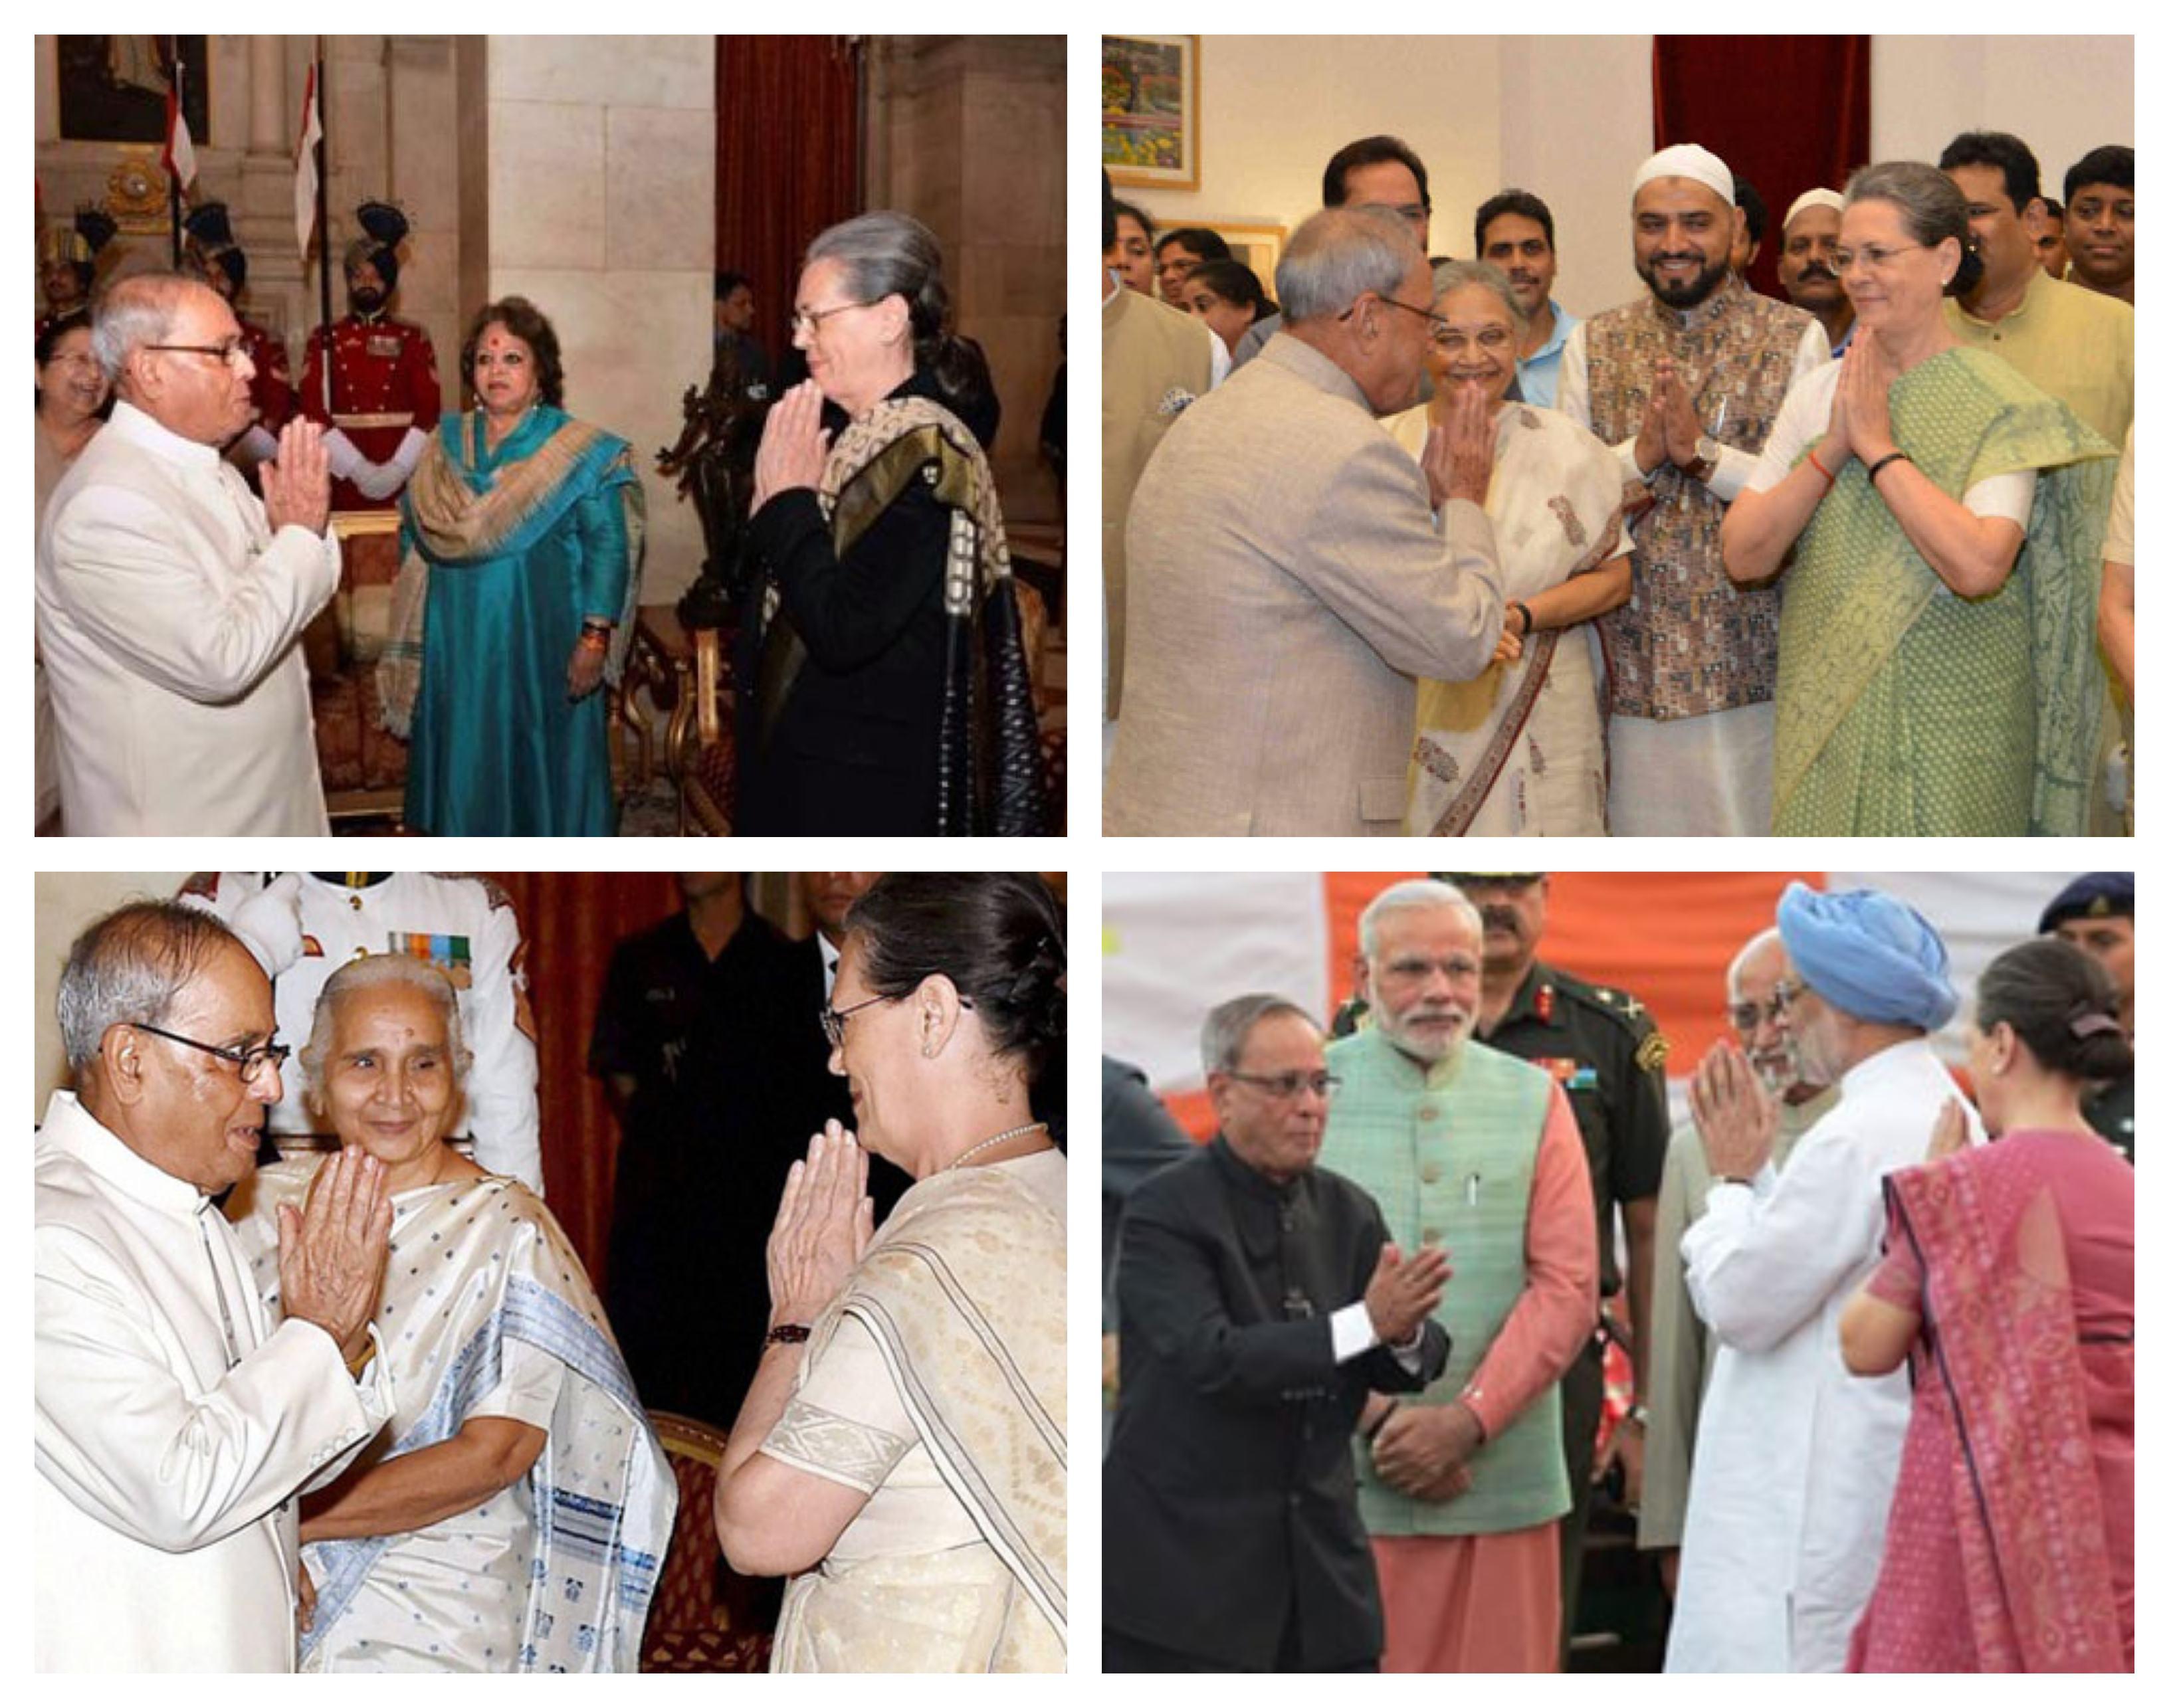 प्रणब मुखर्जी के राष्ट्रपति रहते हुए अलग-अलग मौक़ों पर उनका हाथ जोड़कर अभिवादन करतीं सोनिया गांधी